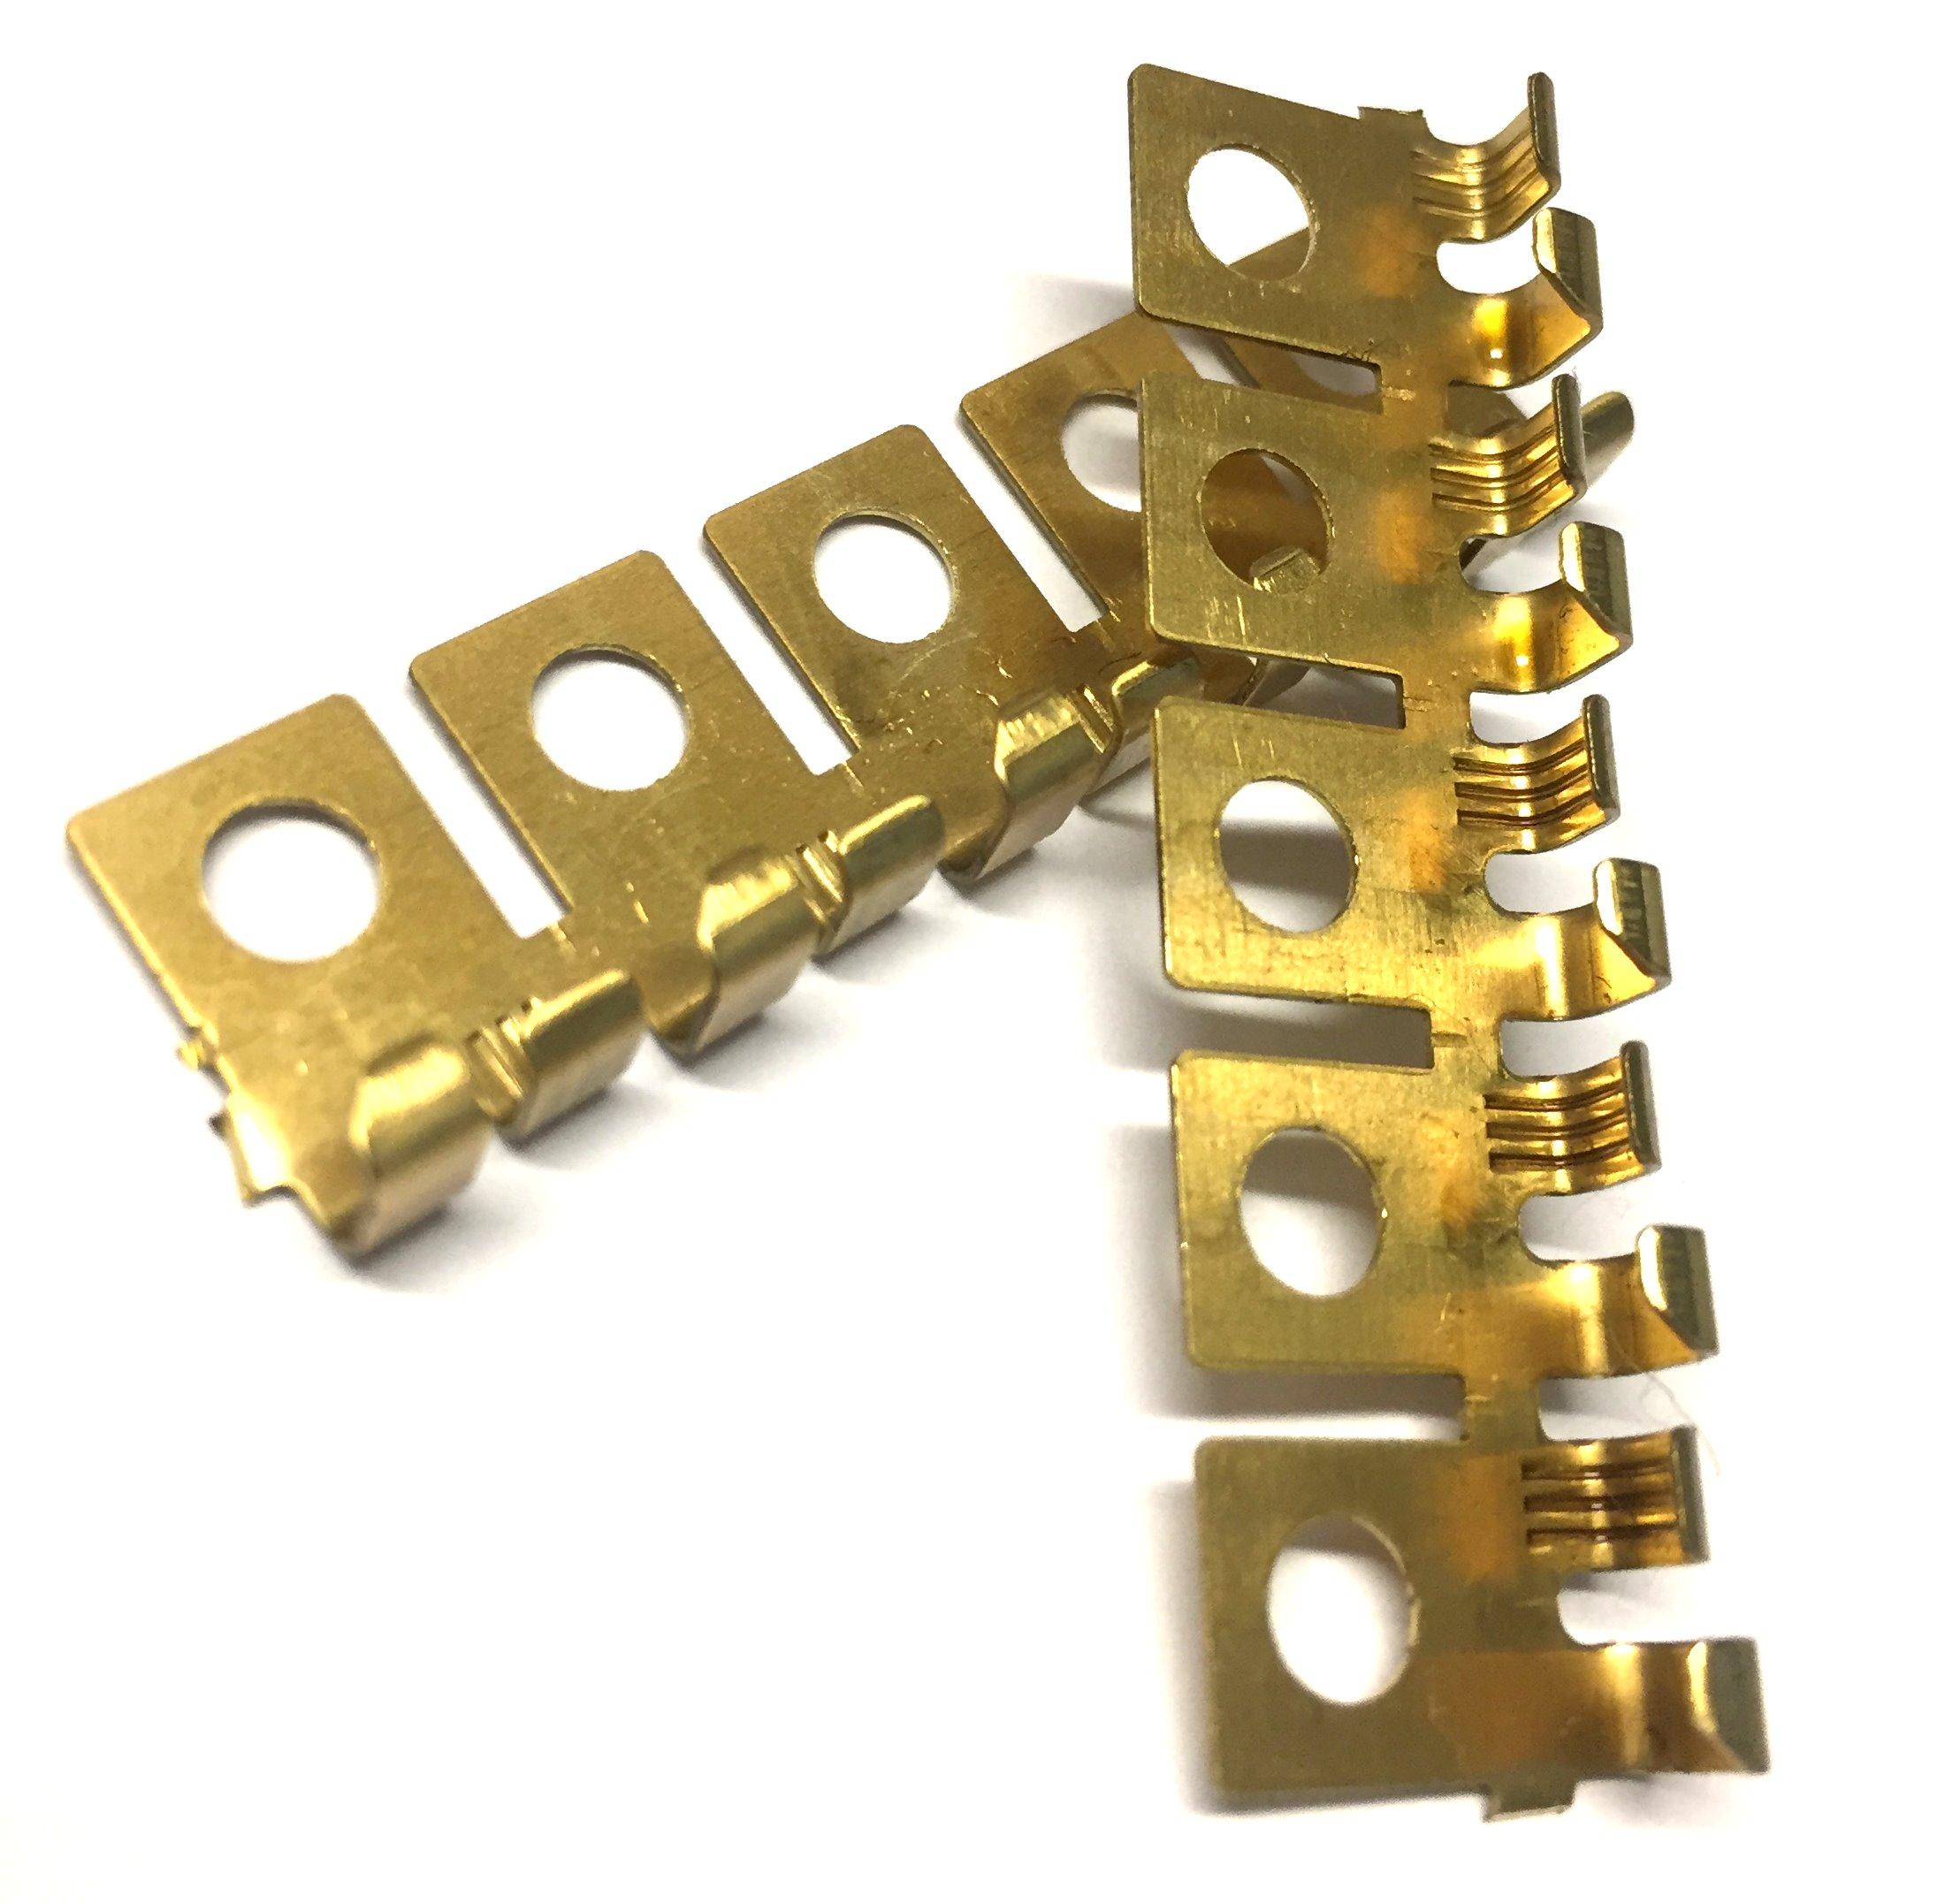 Ringkabelschuhe abgewinkelt, Messing, -1,5mm², d=4,3mm